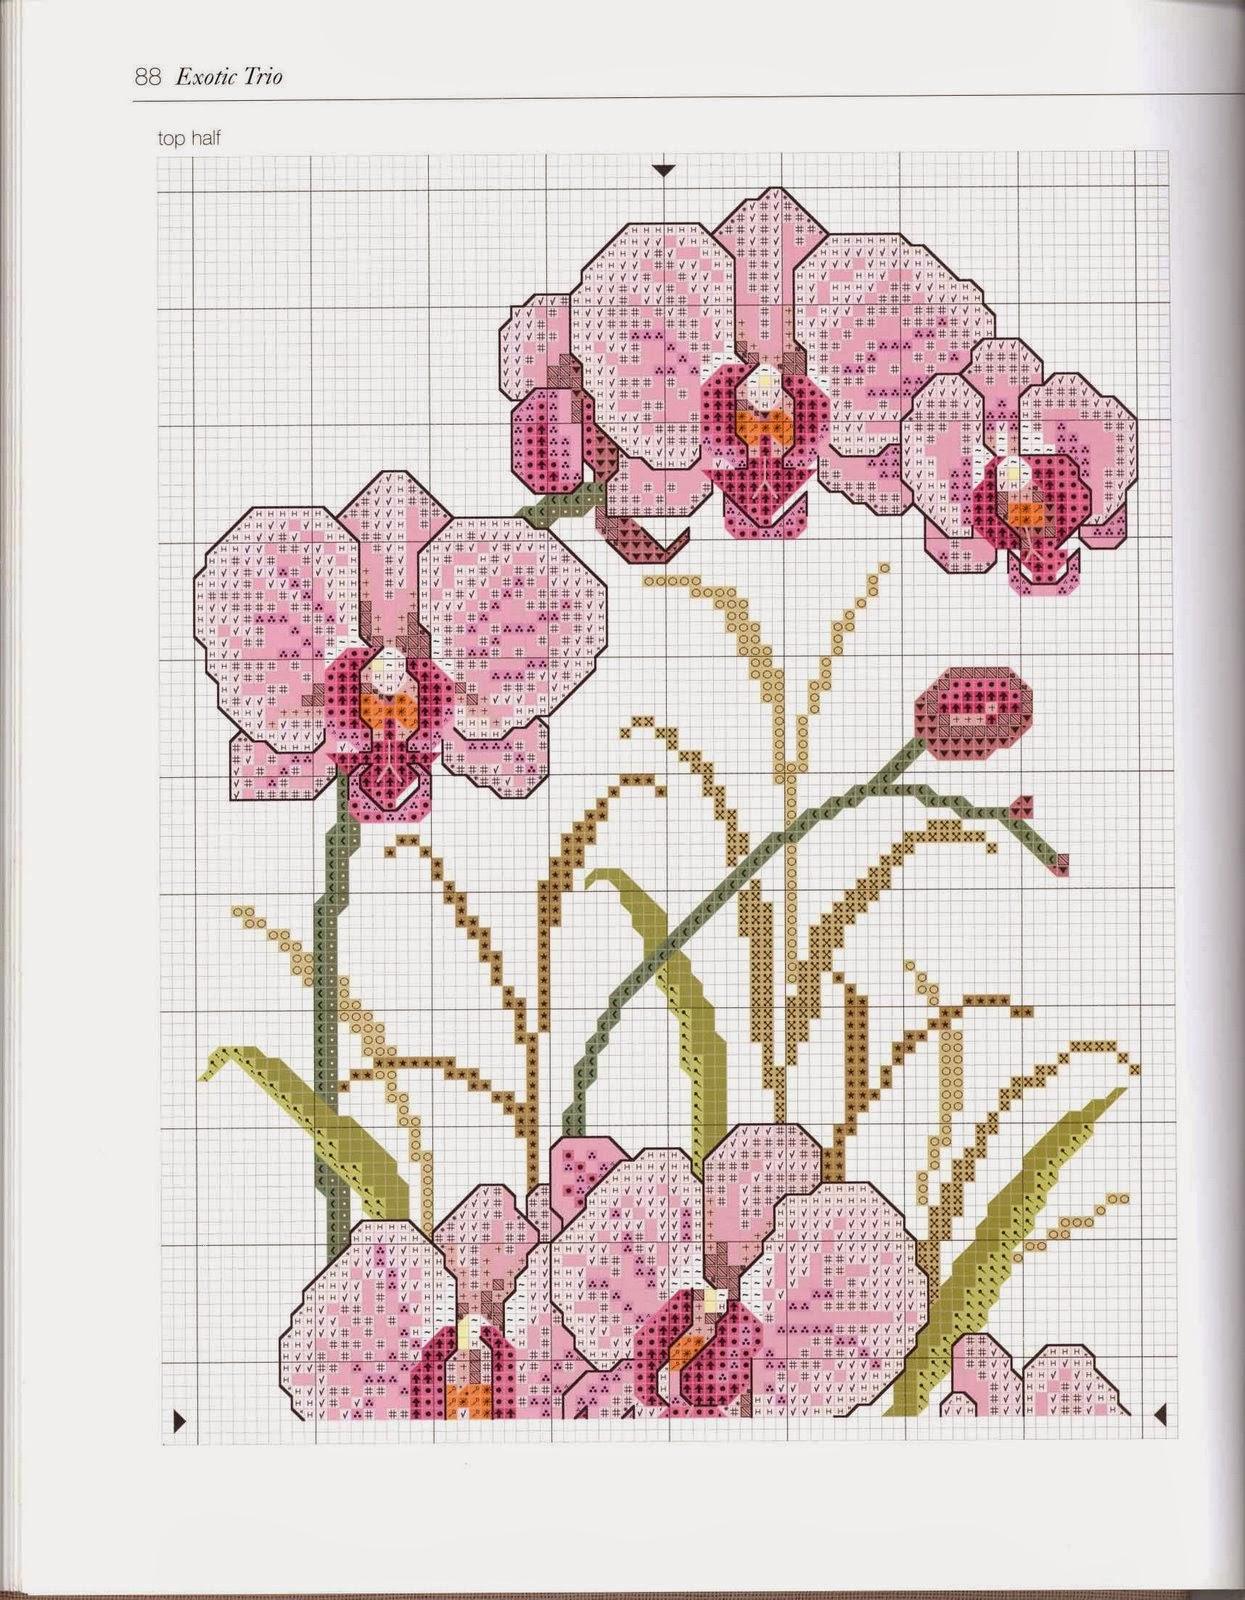 Скачать схему - Цветы, флора 91